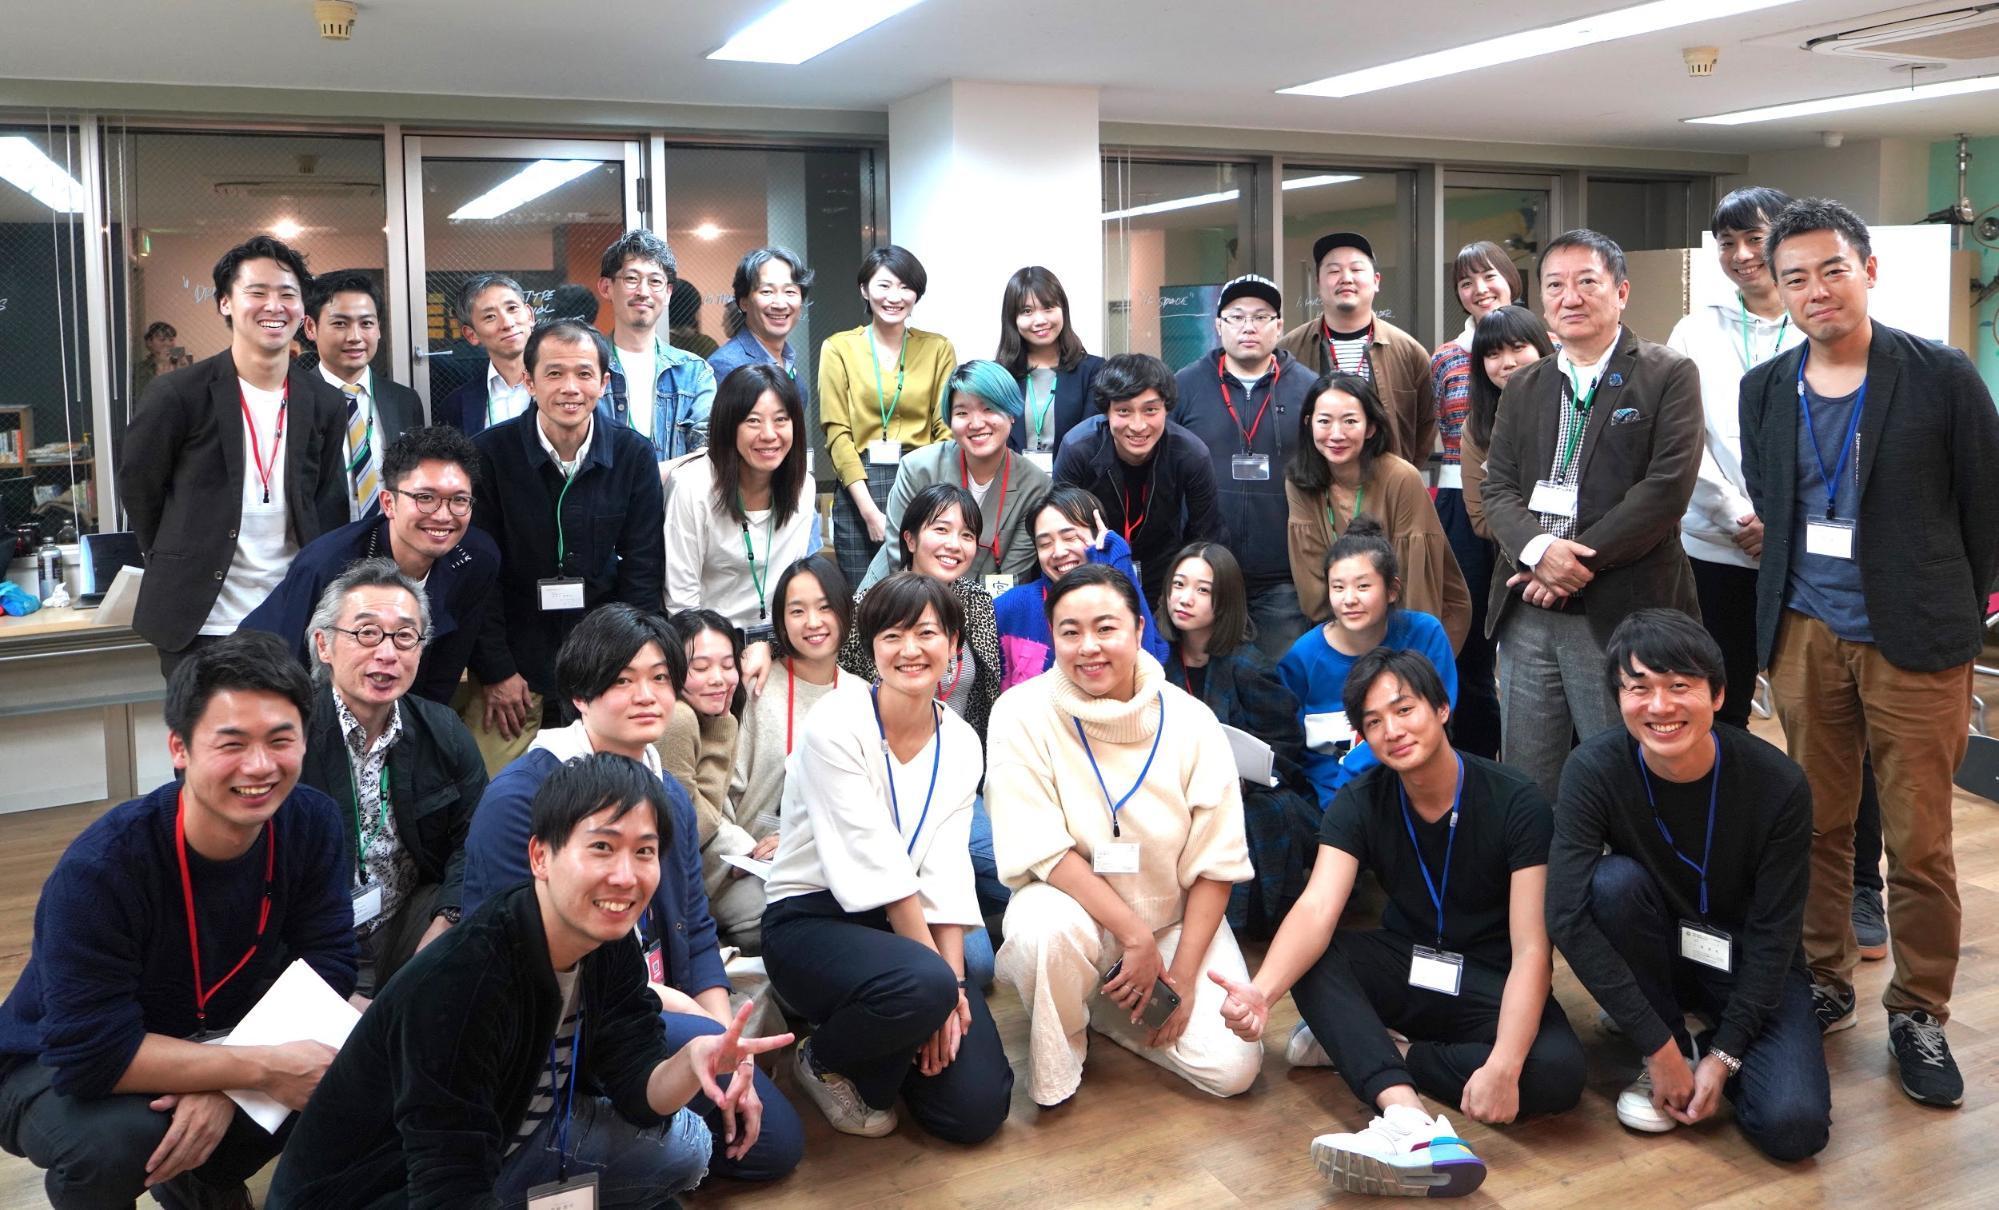 「渋谷をつなげる30人」 (2019/11/8)オープンセッションレポート〜 〜エンタメチーム編〜